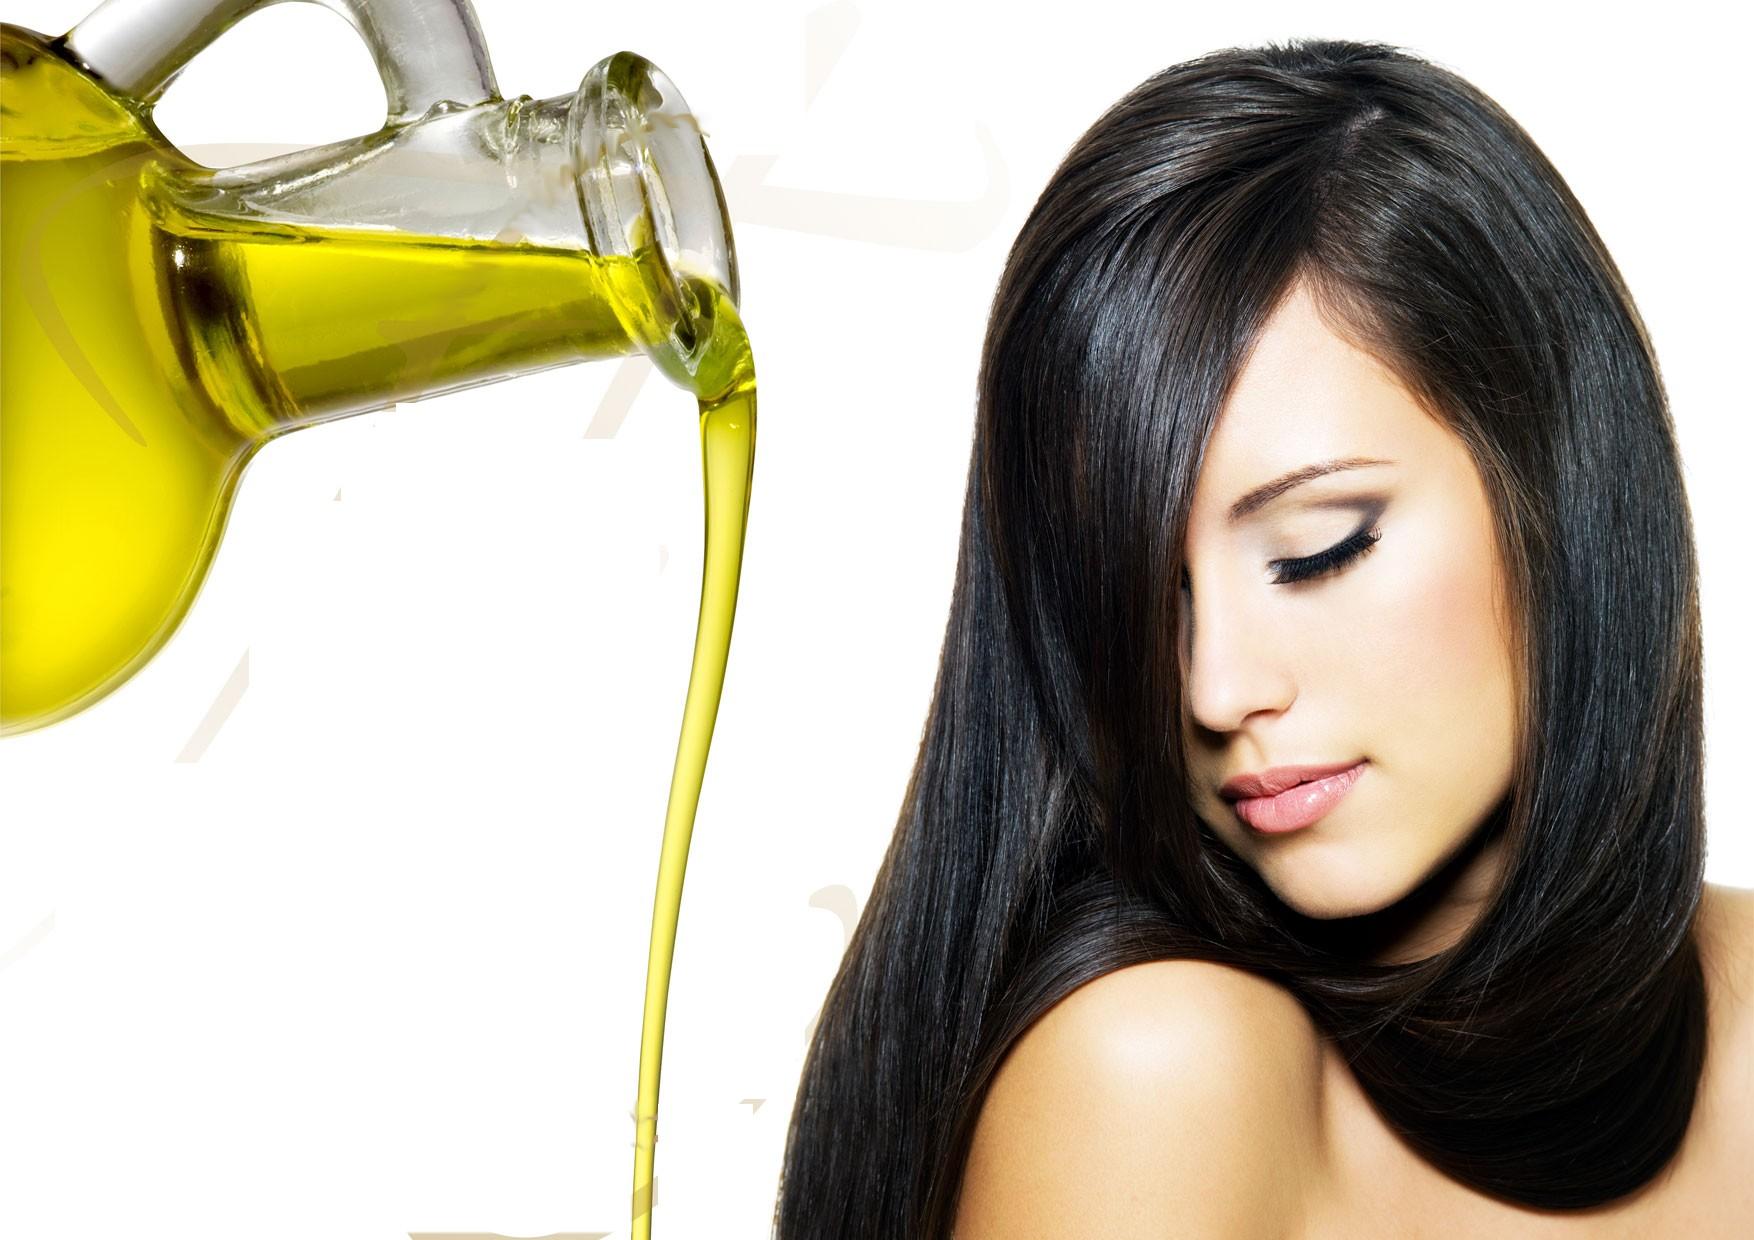 Ξέρετε τι είναι η λίπανση των μαλλιών;